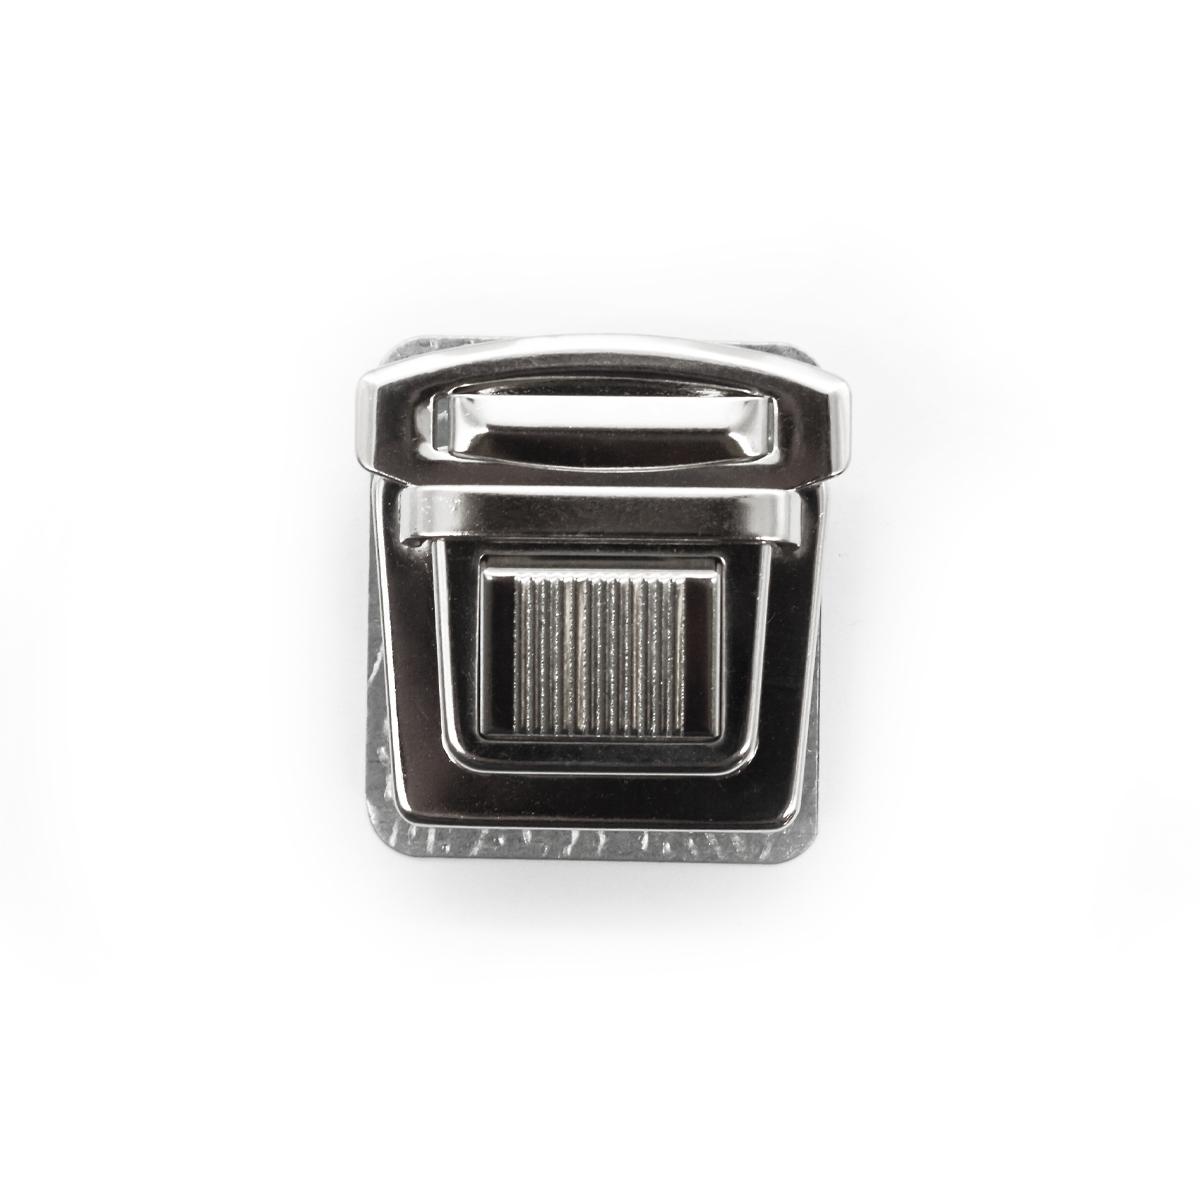 818-024 Замок портфельный, никель, 35*30 мм